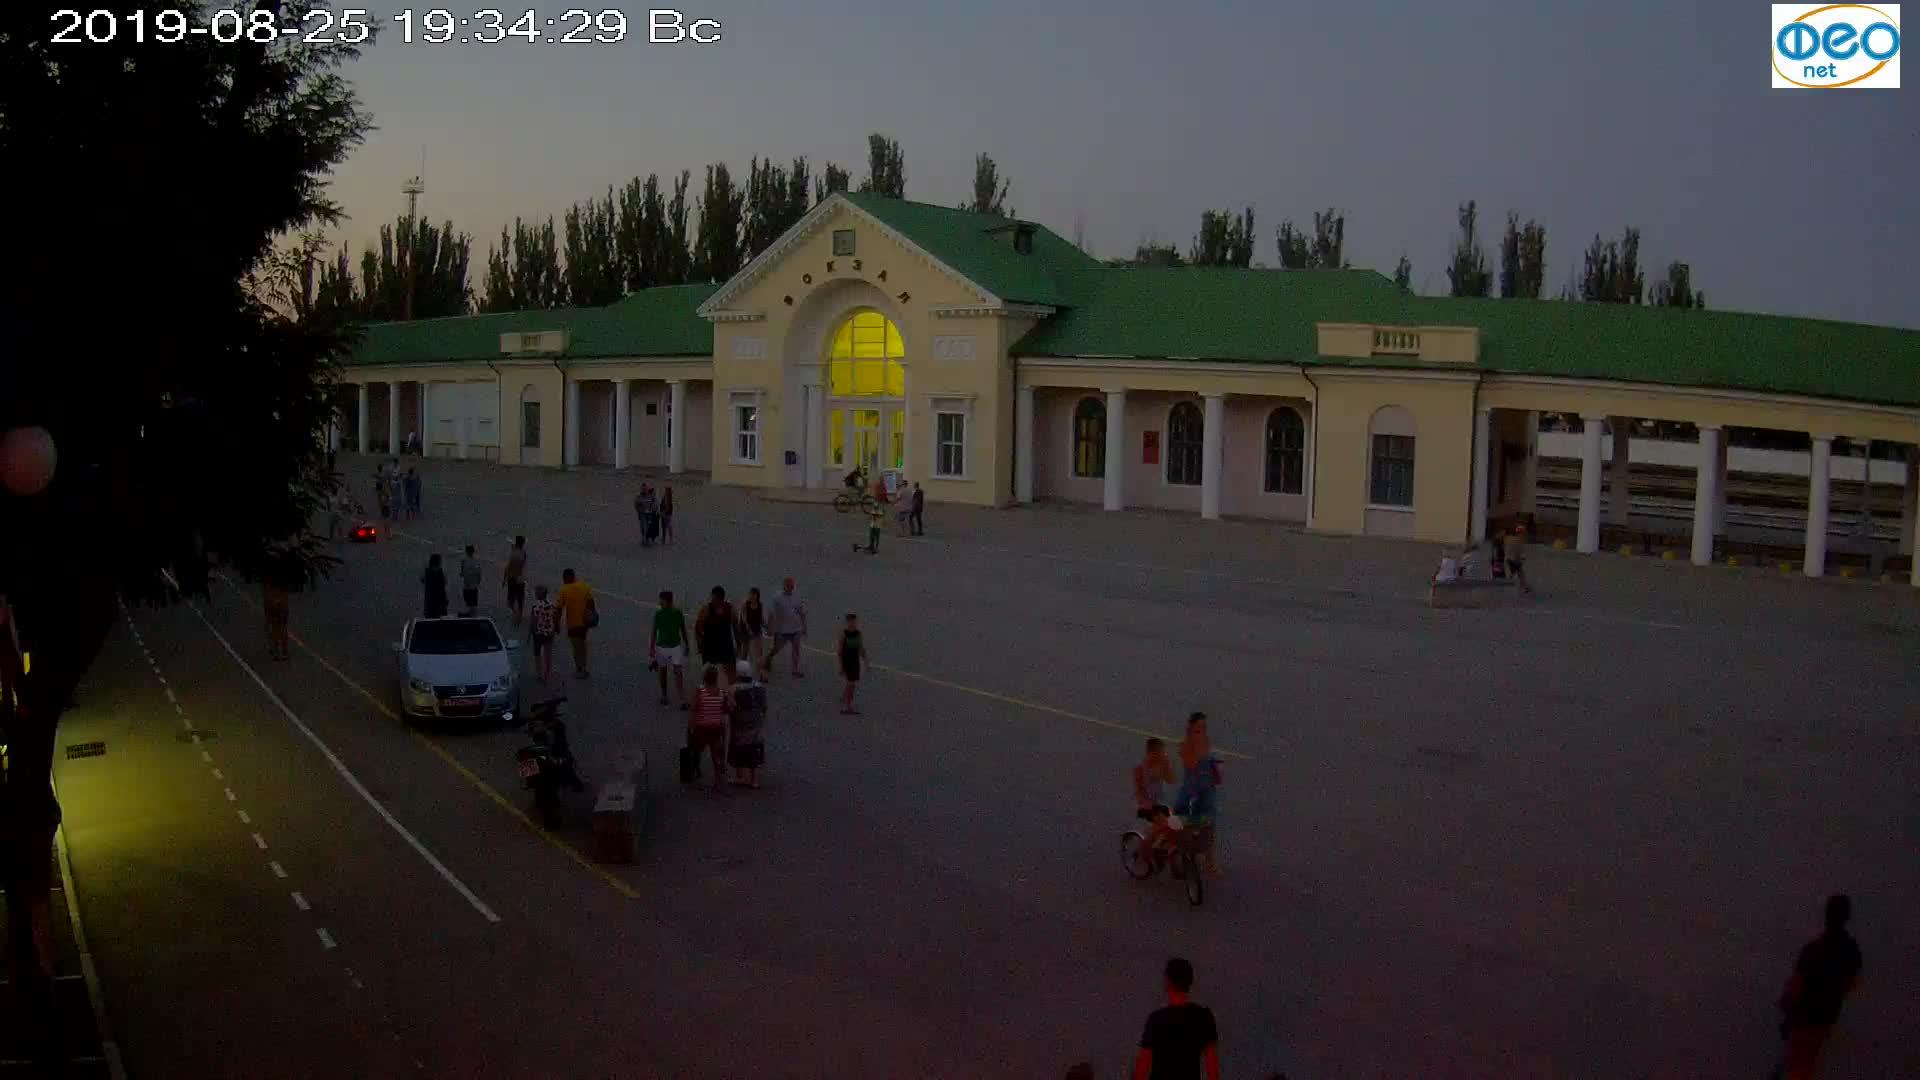 Веб-камеры Феодосии, Привокзальная площадь, 2019-08-25 19:50:05